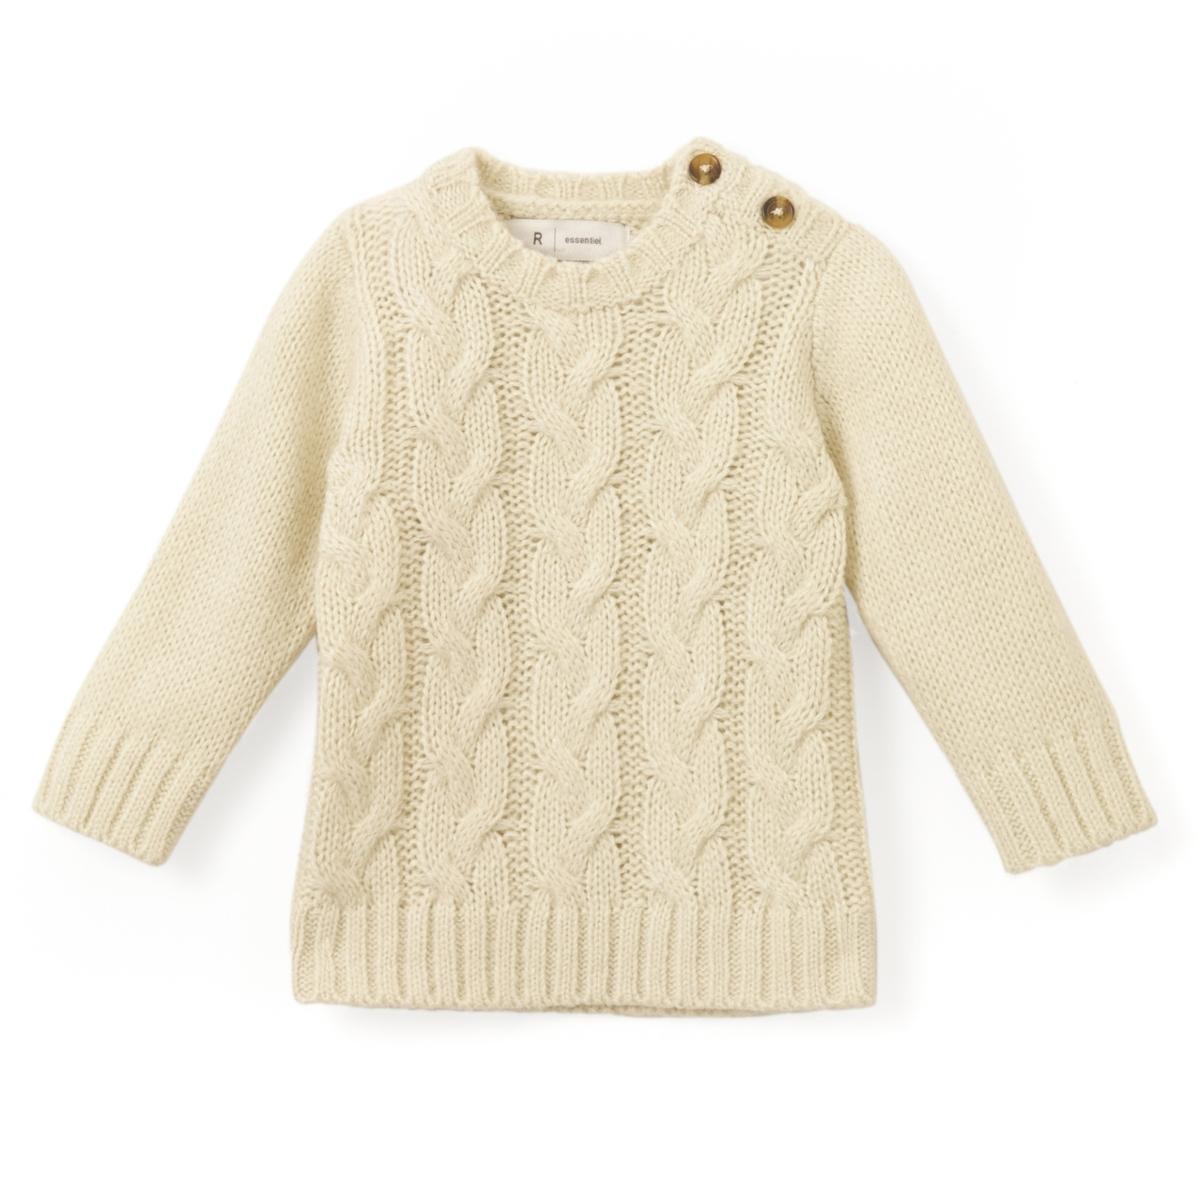 Пуловер трикотажный с рисунком косы, 1 мес. - 3 лет